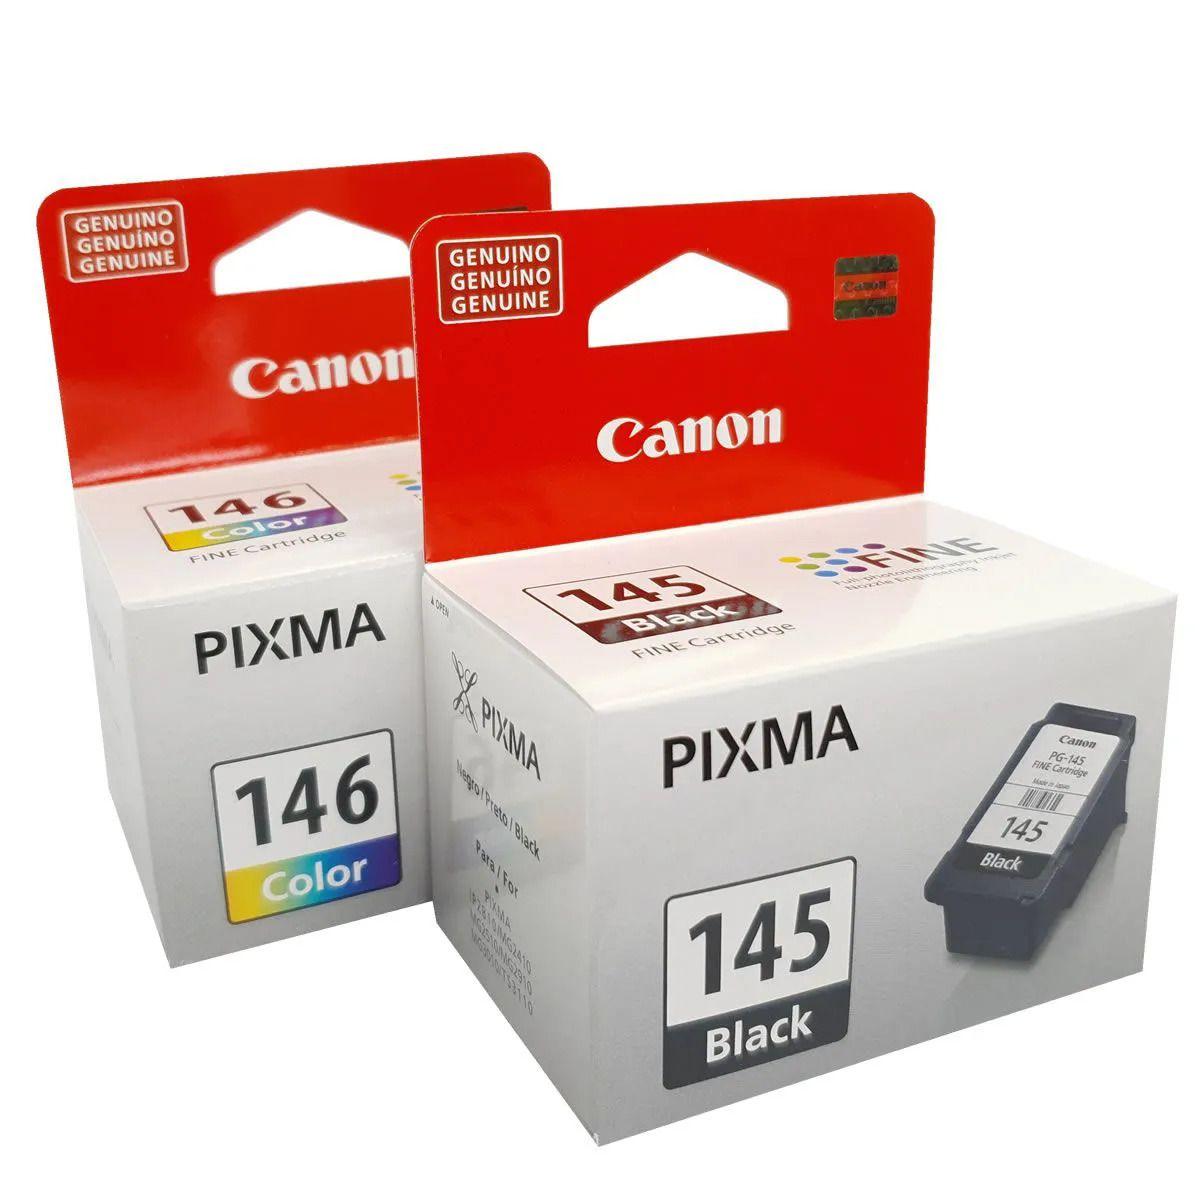 Kit 2 cartuchos Canon PG145 Preto e CL146 colorido para MG2410 MG2510